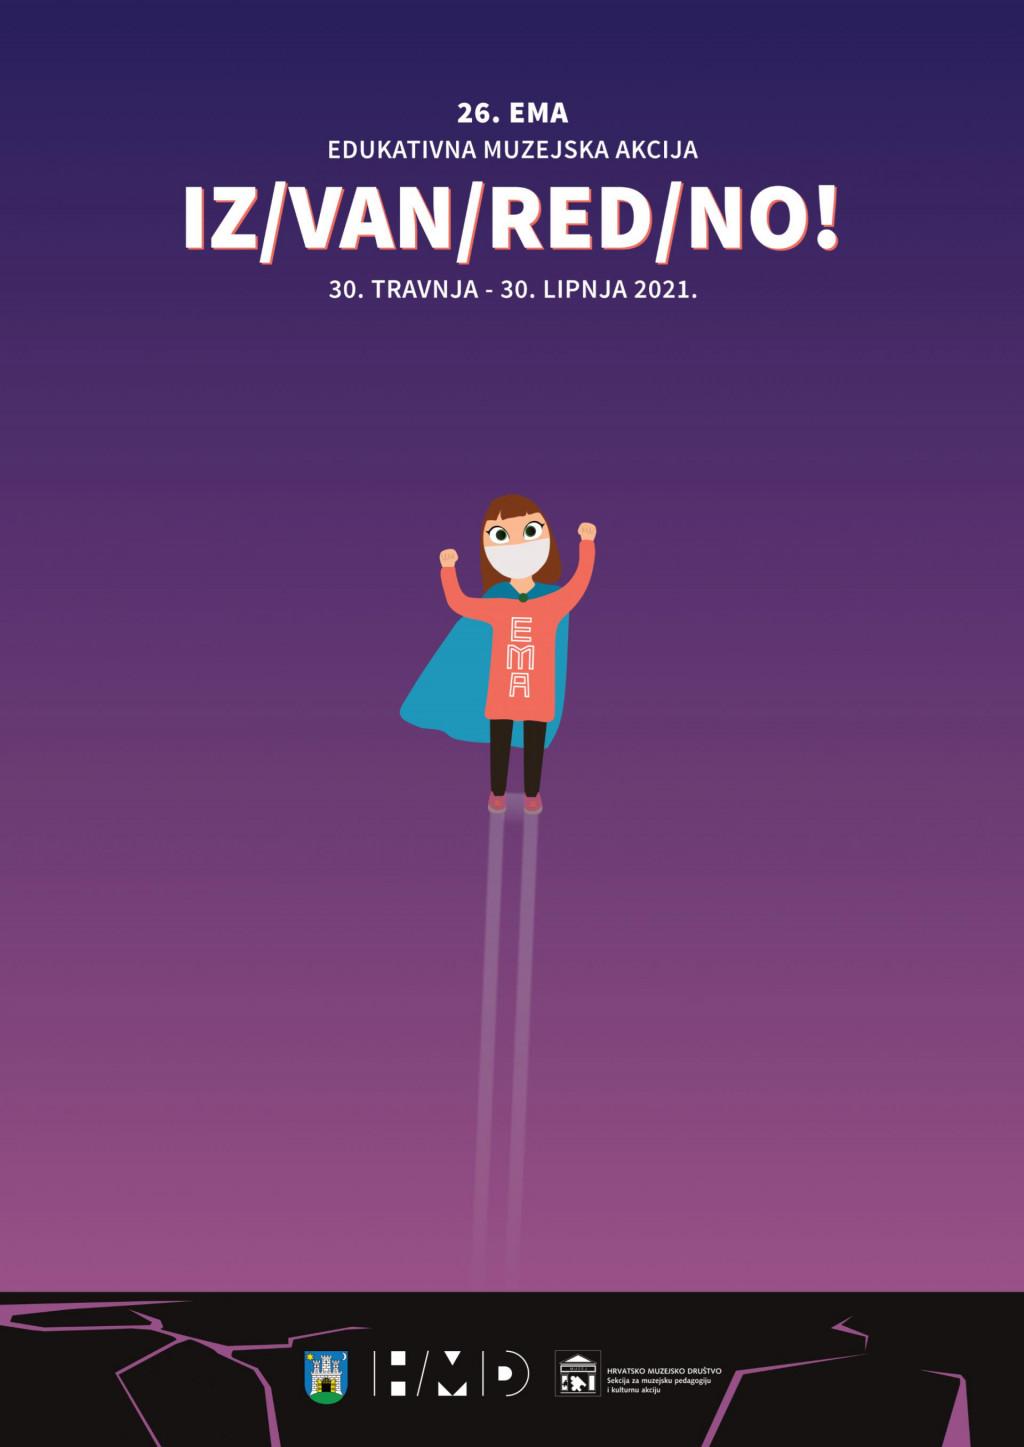 Radionicom za odrasle i virtualnom prezentacijom Dubrovački muzeji obilježit će Međunarodni dan muzeja